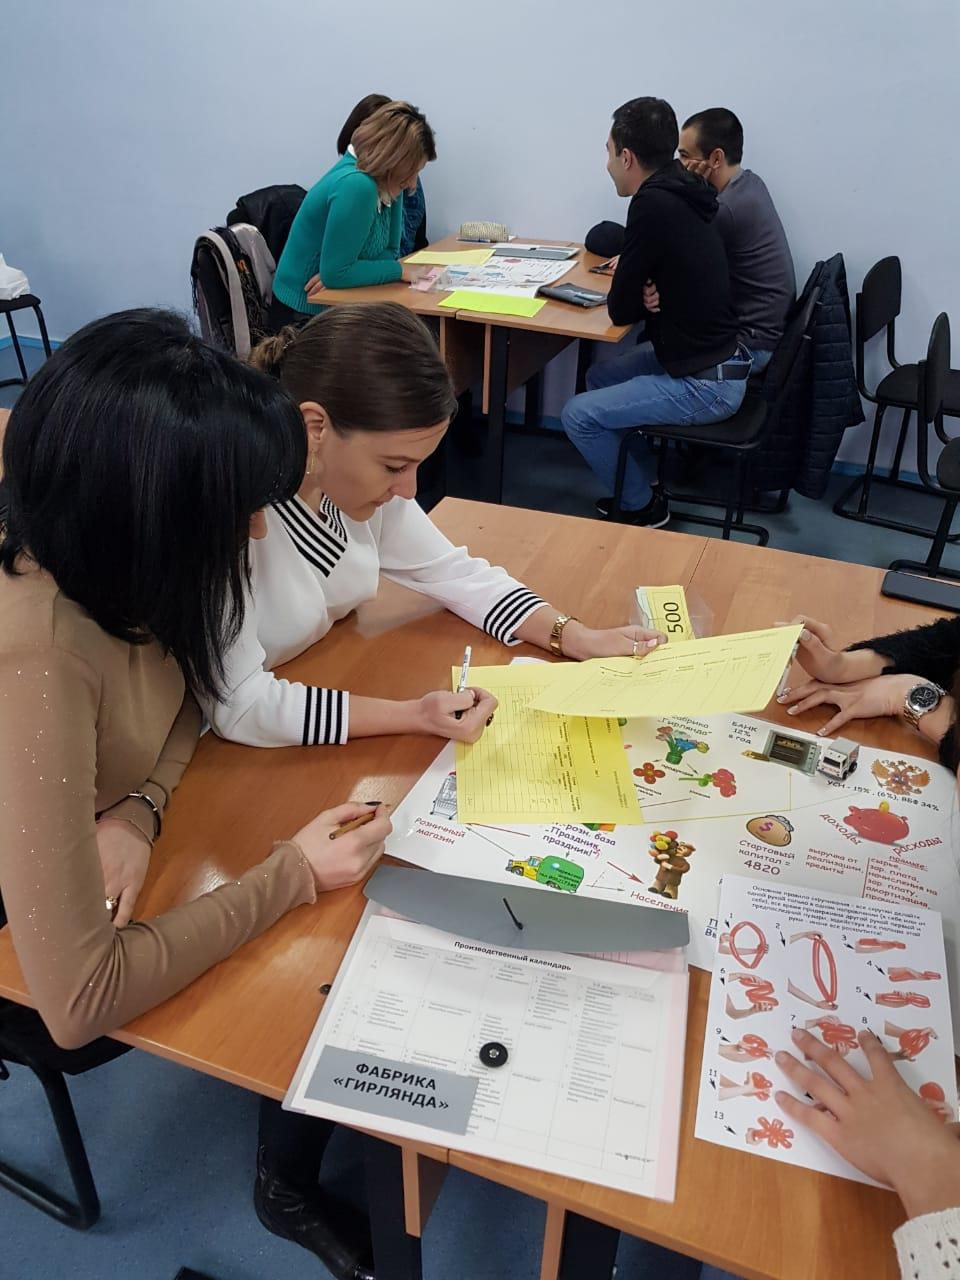 Предприниматели приняли участие в деловой игре на тему:  «Community: технологии бизнес-кооперации и социальных коммуникаций».